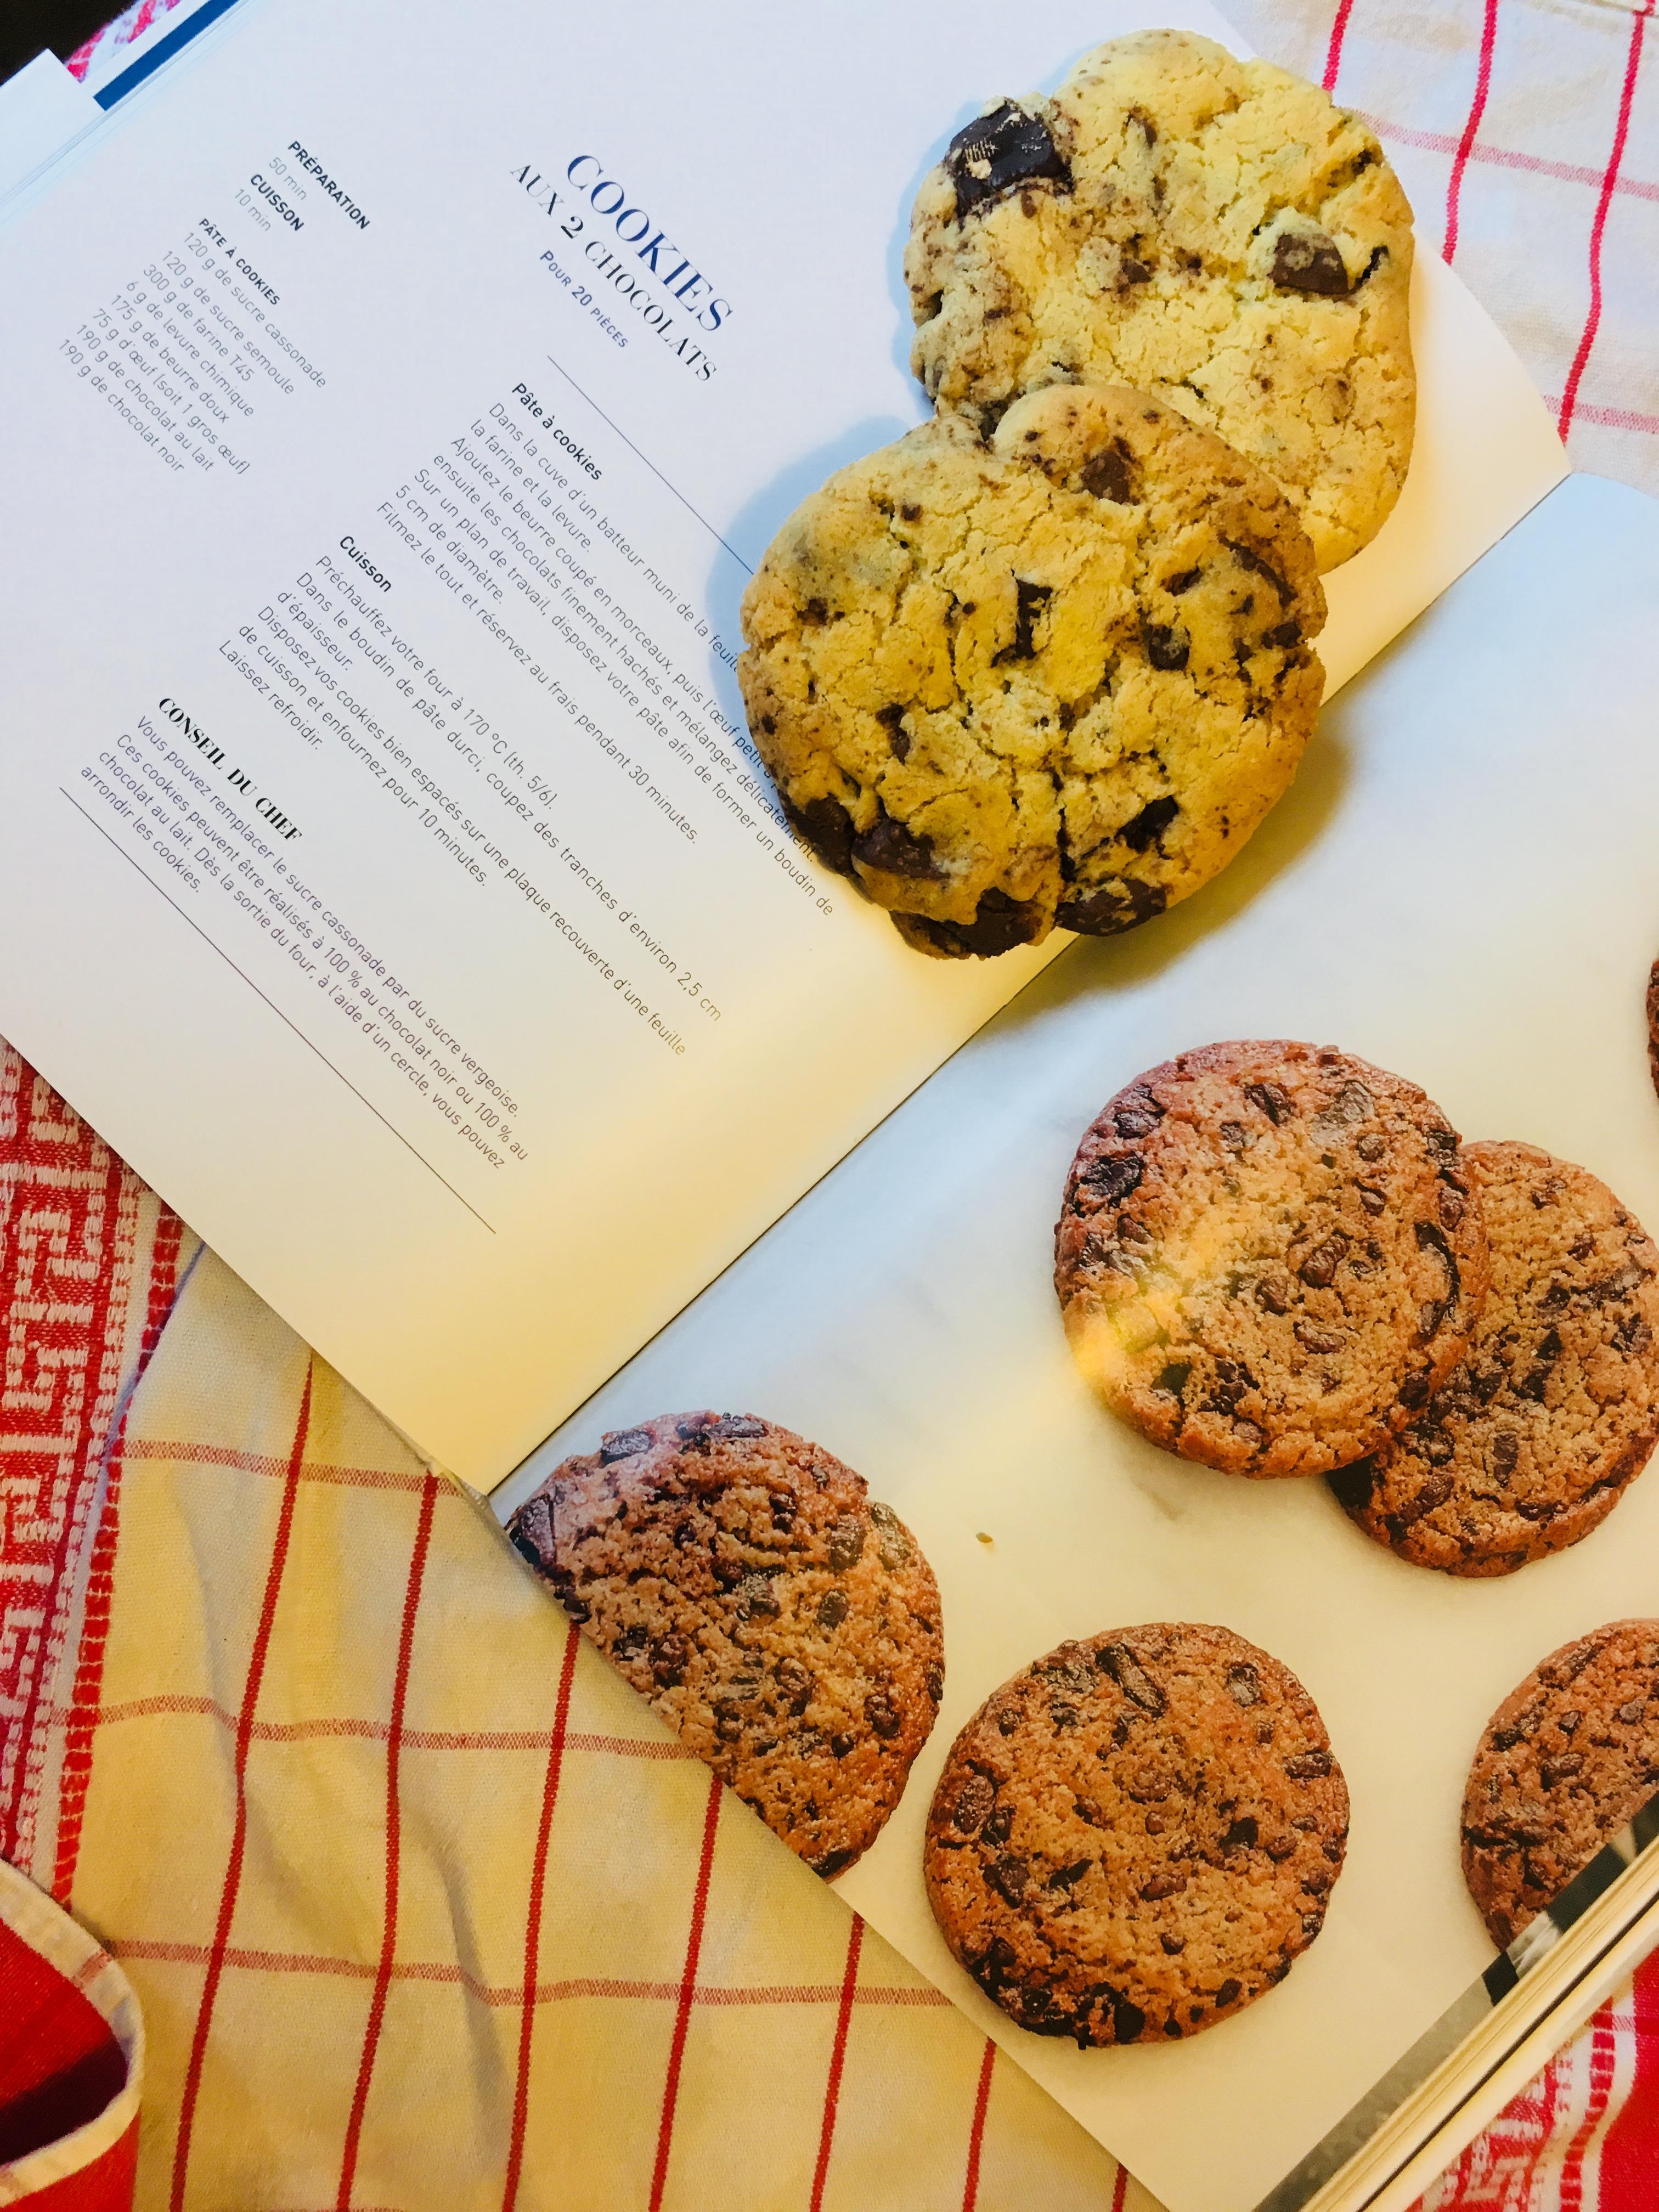 Cyril Lignac Recette Cookies : cyril, lignac, recette, cookies, Cookies, Chocolats, Cyril, Lignac, United, Colours, Macarons